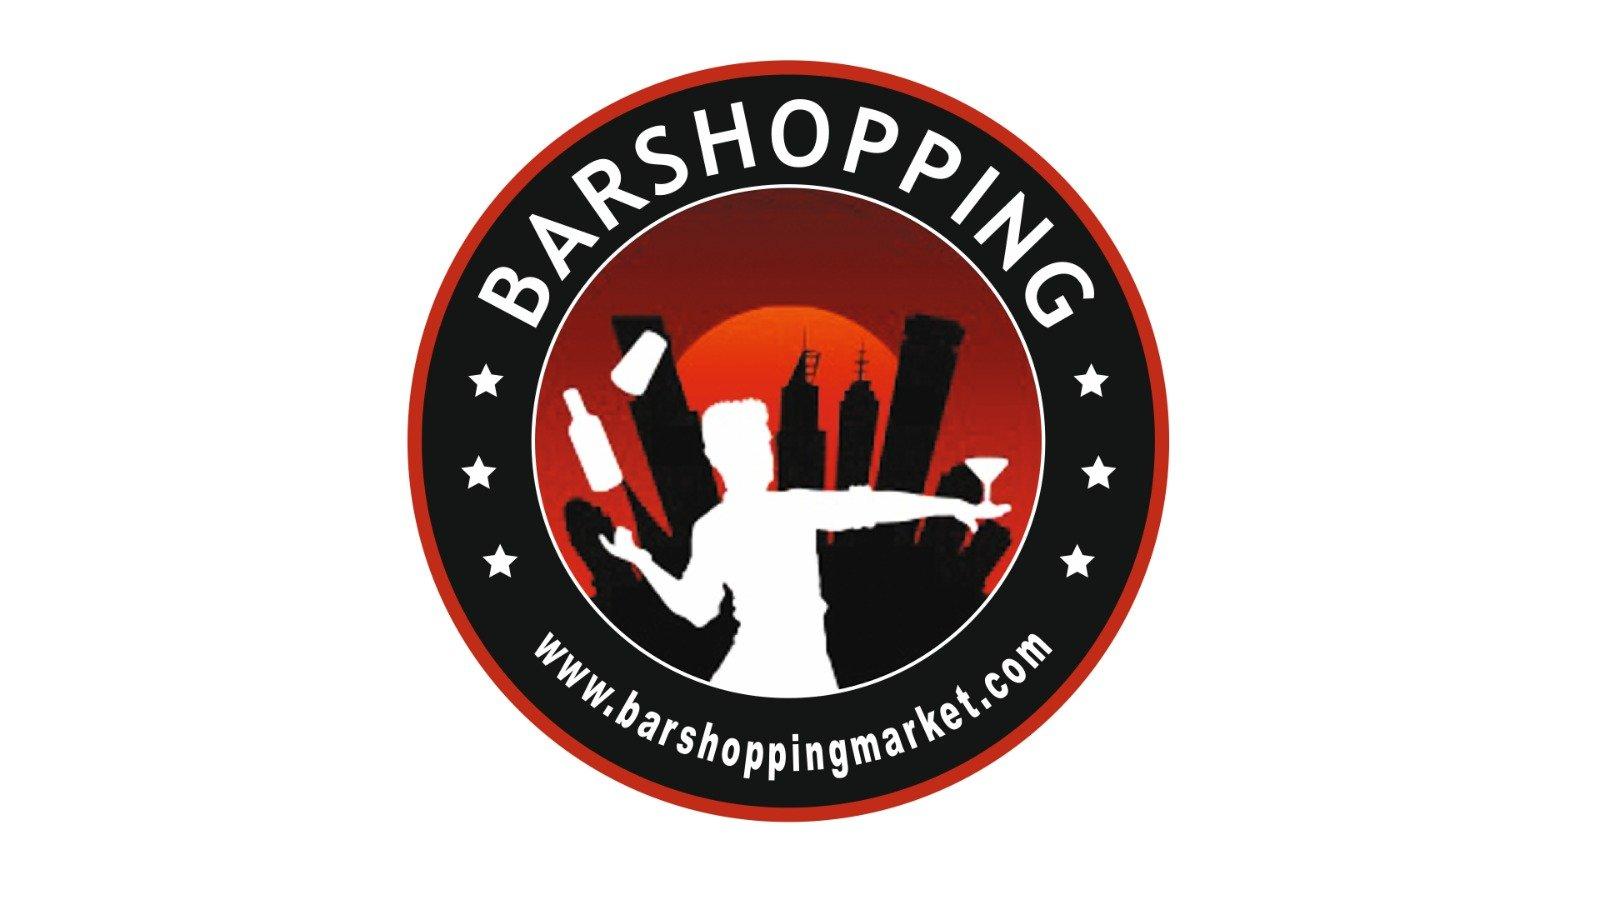 Barshopping Tic